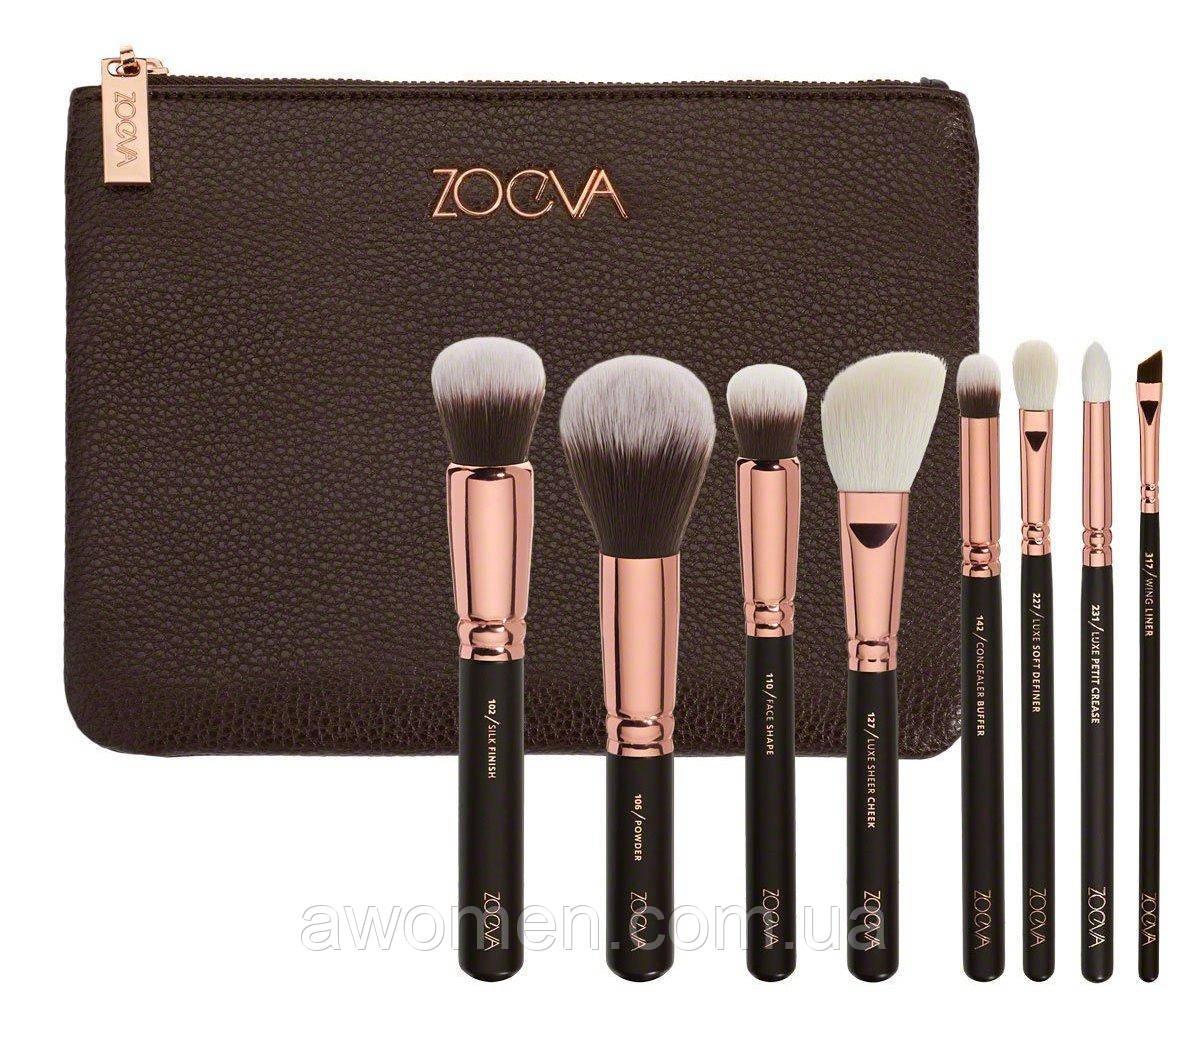 Zoeva косметика купить в спб купить косметику виши по низким ценам